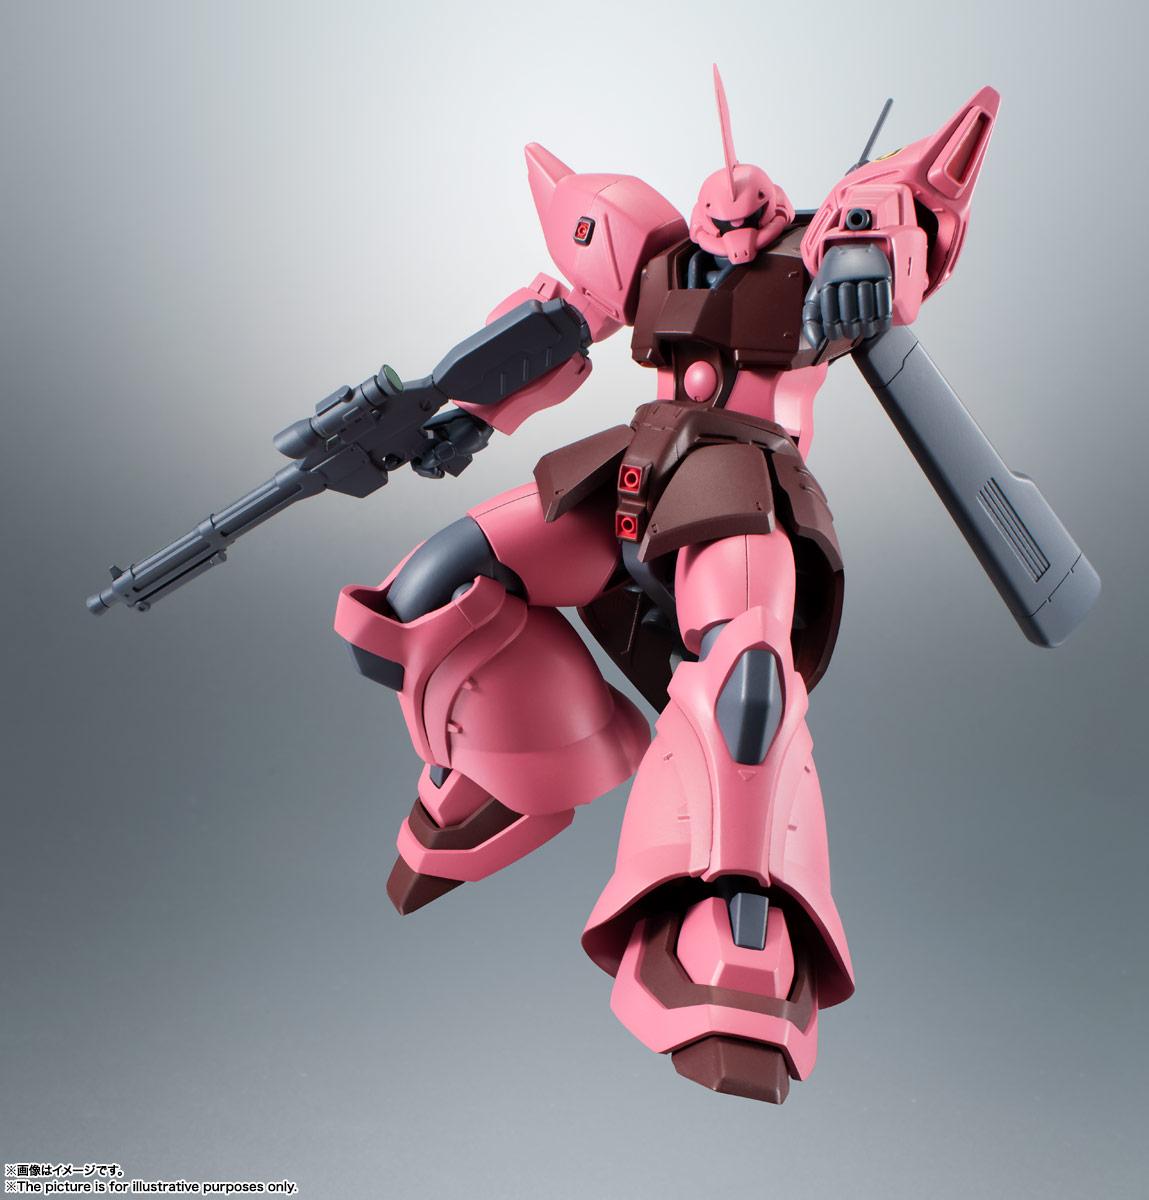 ROBOT魂〈SIDE MS〉『MS-14JG ゲルググJ ver. A.N.I.M.E.』可動フィギュア-004